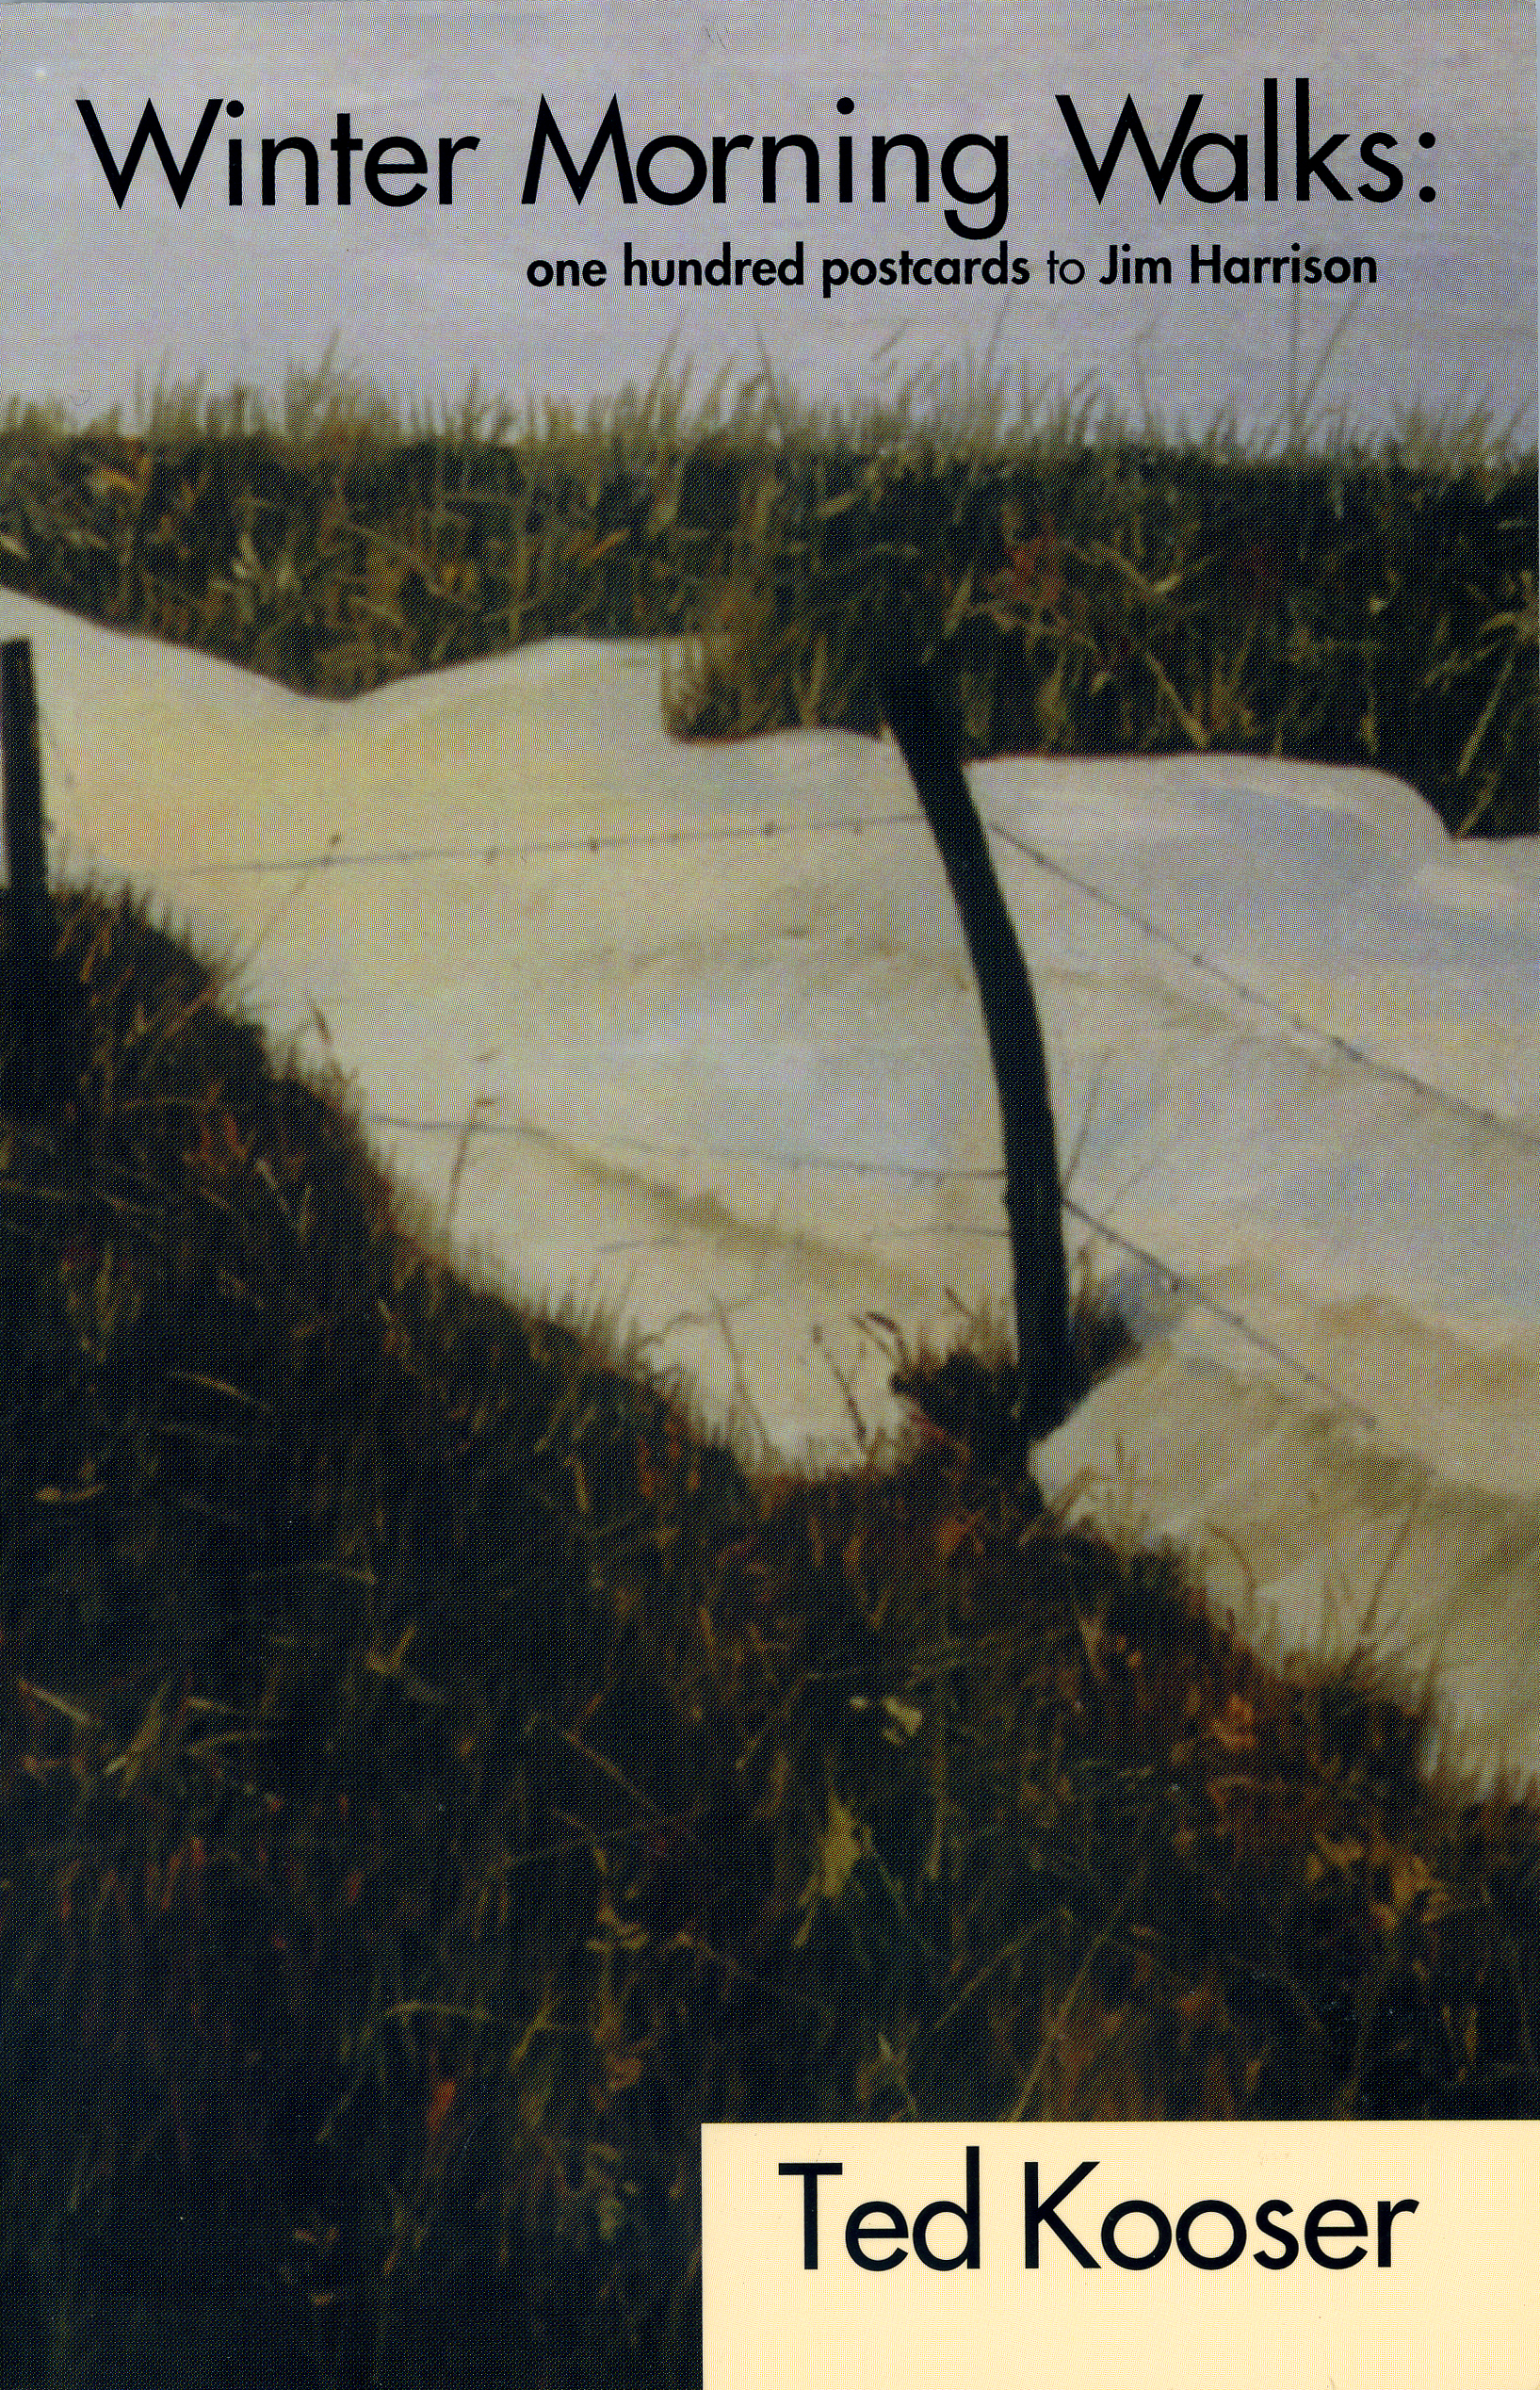 Winter Mornin Walks by Ted Kooser